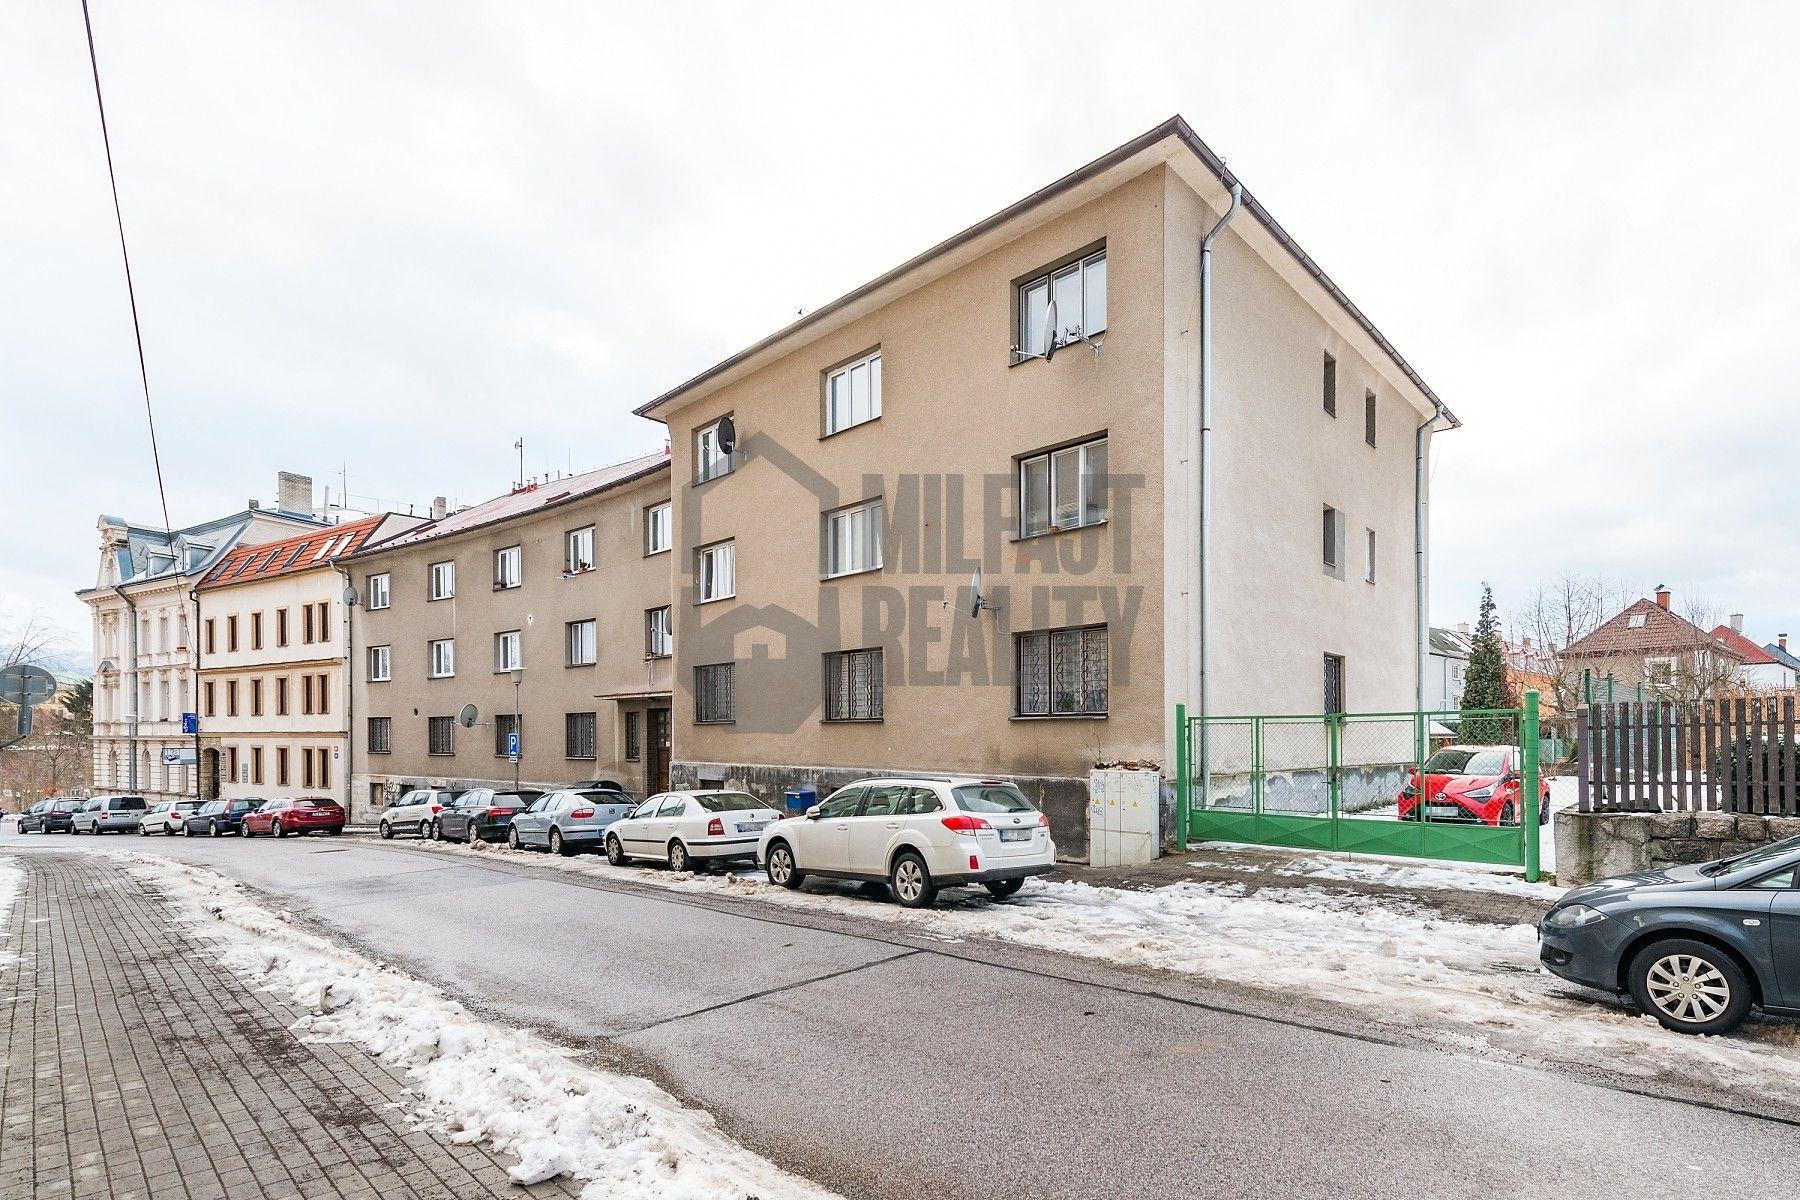 REZERVOVÁNO - Prodej bytu 2+kk se zahradou, Zeyerova, Liberec